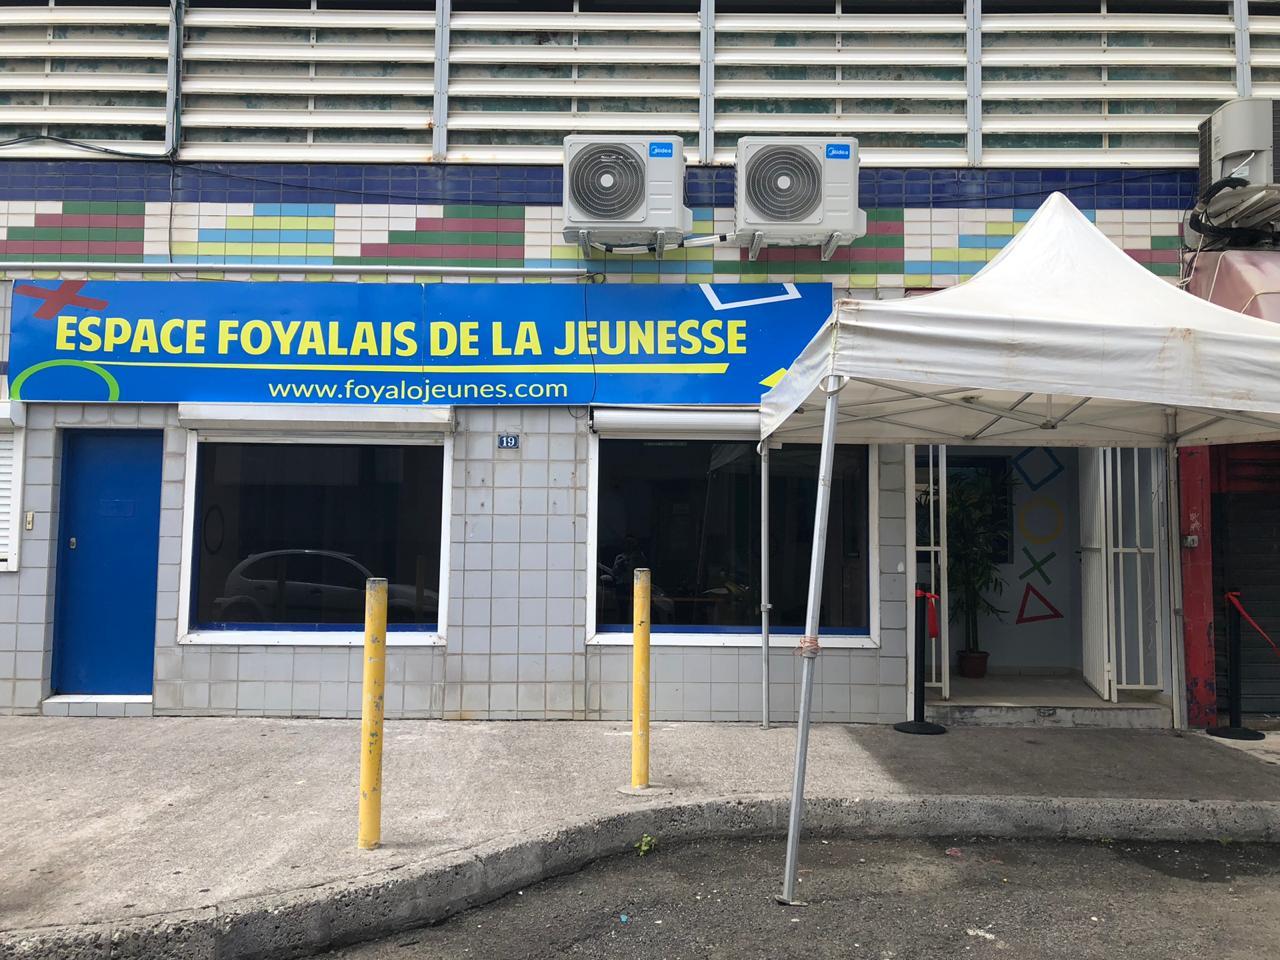 L'Espace Foyalais de la Jeunesse inauguré, ce samedi à Fort-de-France